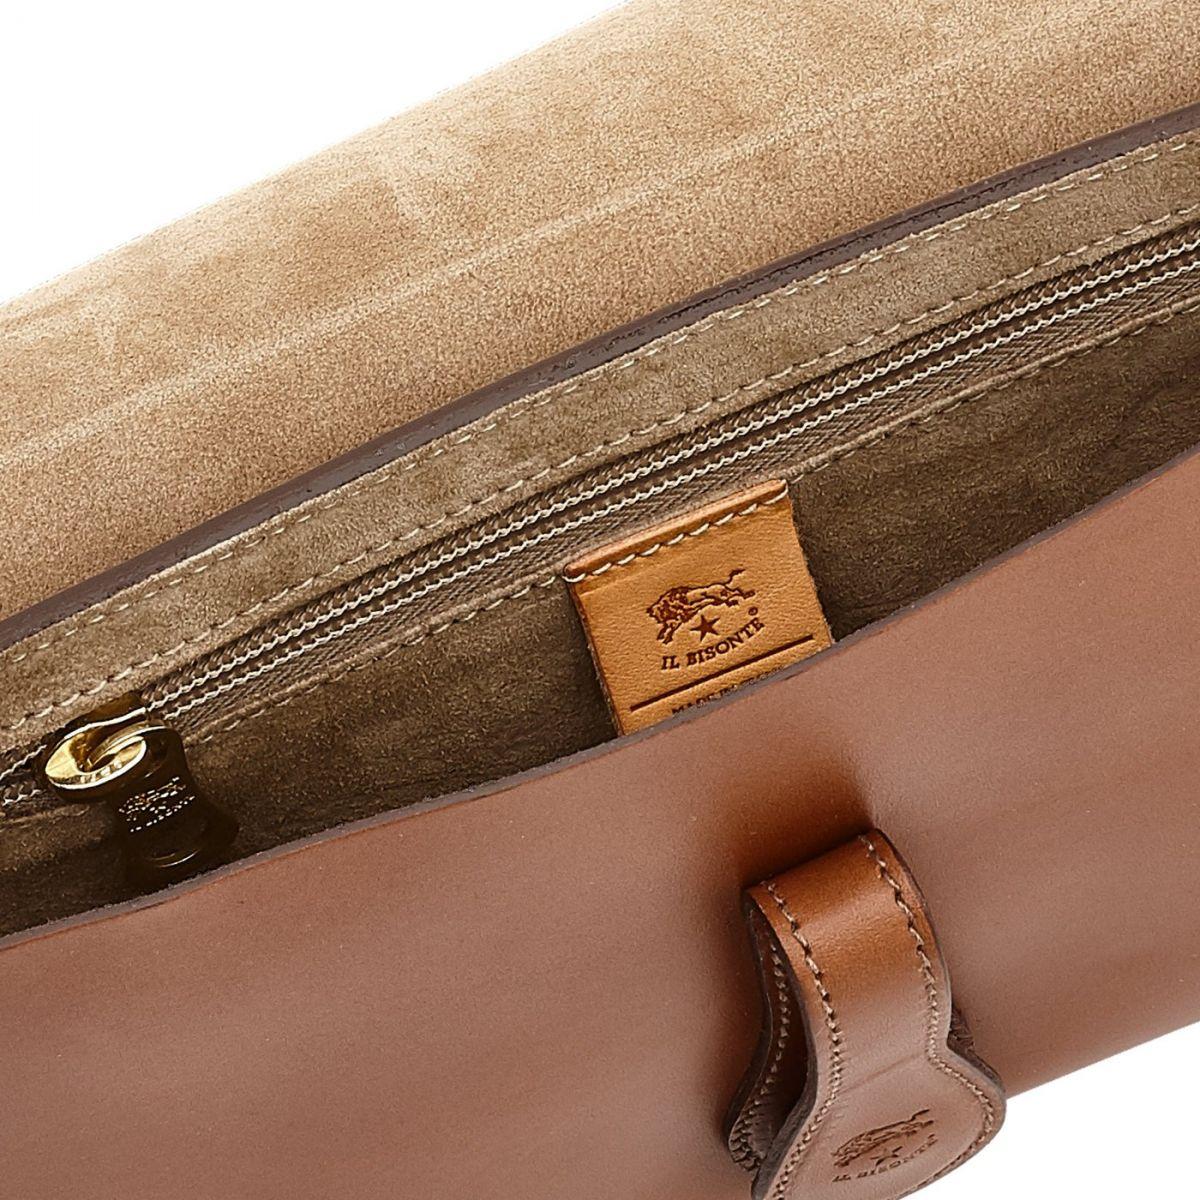 Sac Epaule pour Femme Salina en Cuir De Vachette BSH085 couleur Chocolat | Details